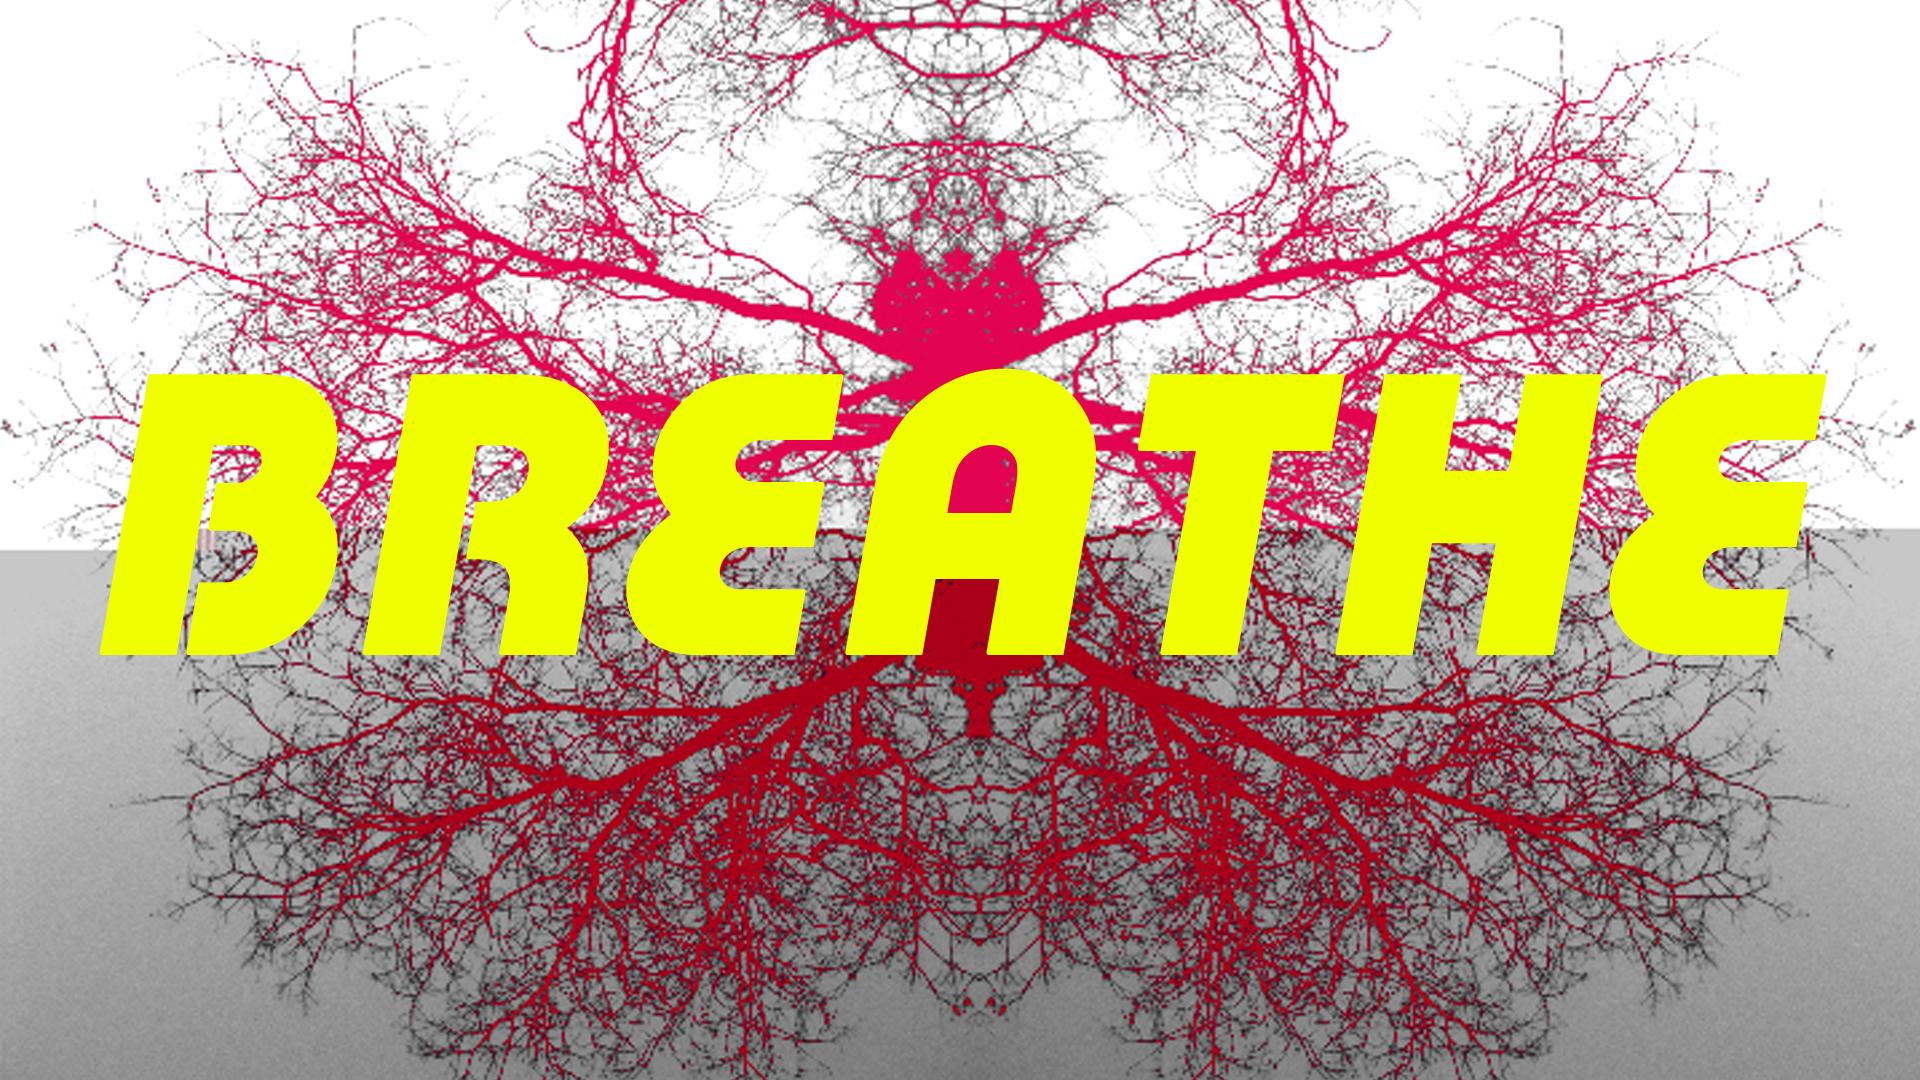 BREATHE_003